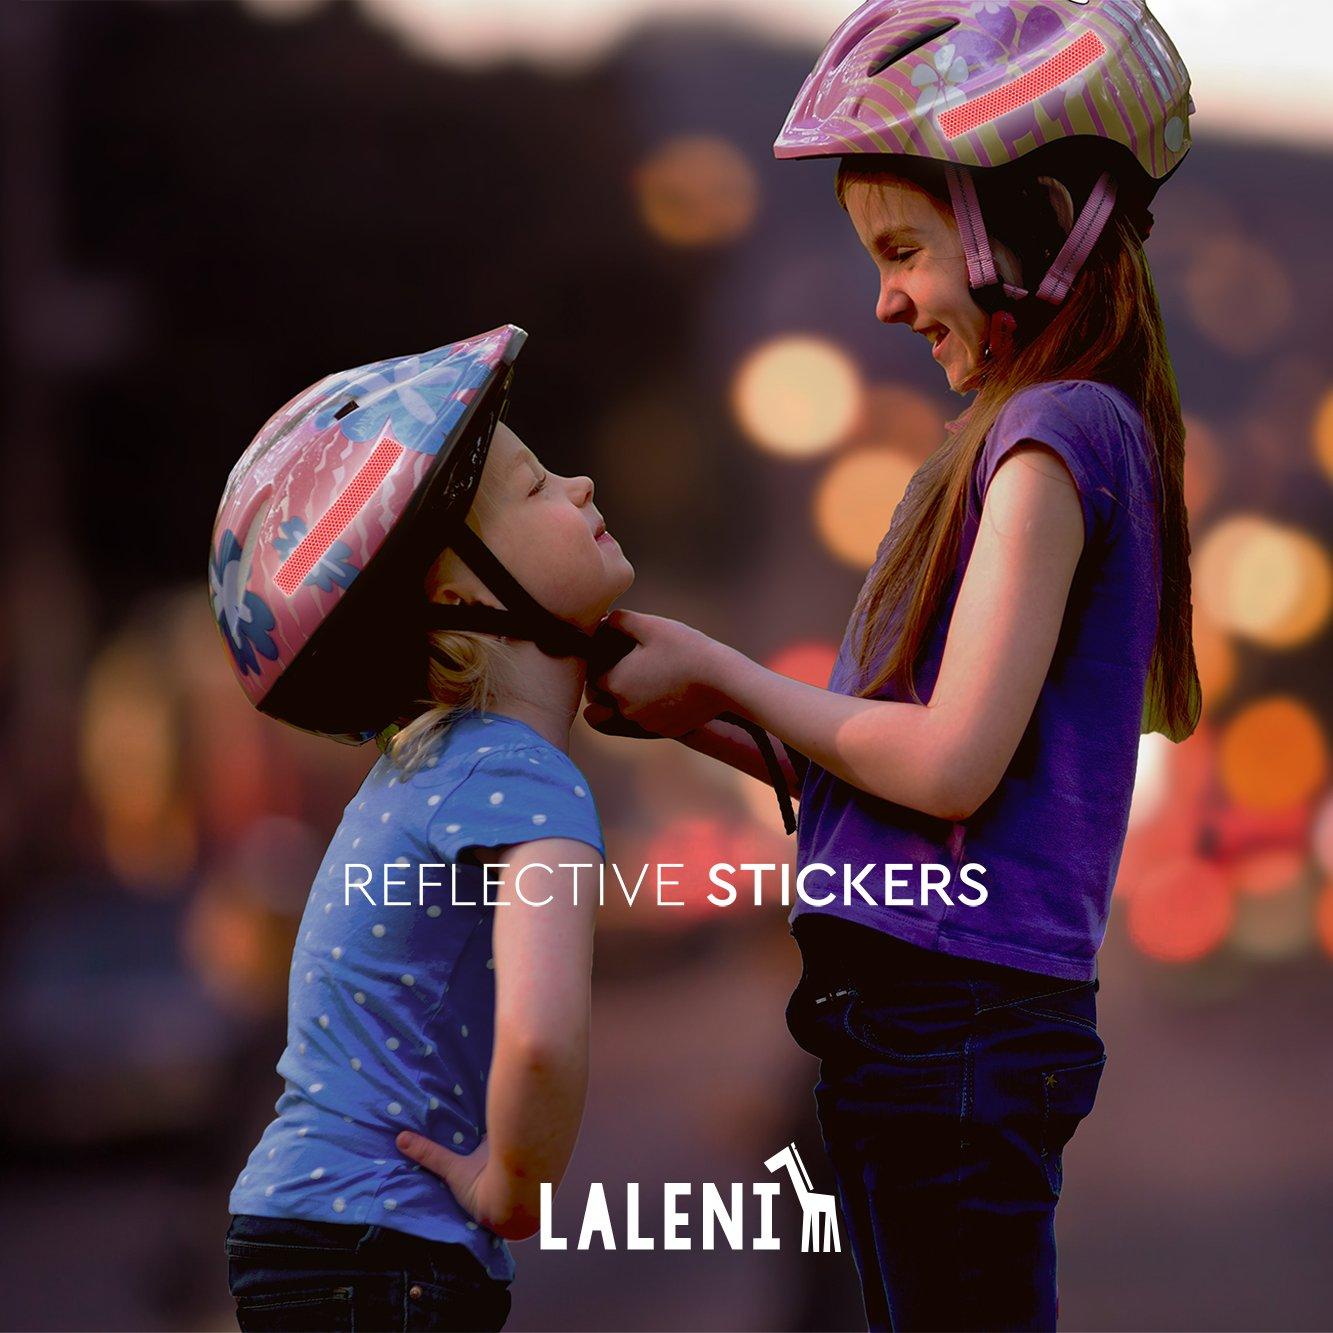 Pegatinas Reflectantes | Vinilos Adhesivos Multiusos Fuertes Y Resistentes | Varios Tamaños | Stickers para Casco, Motocicleta, Bicicleta, Coche, ...